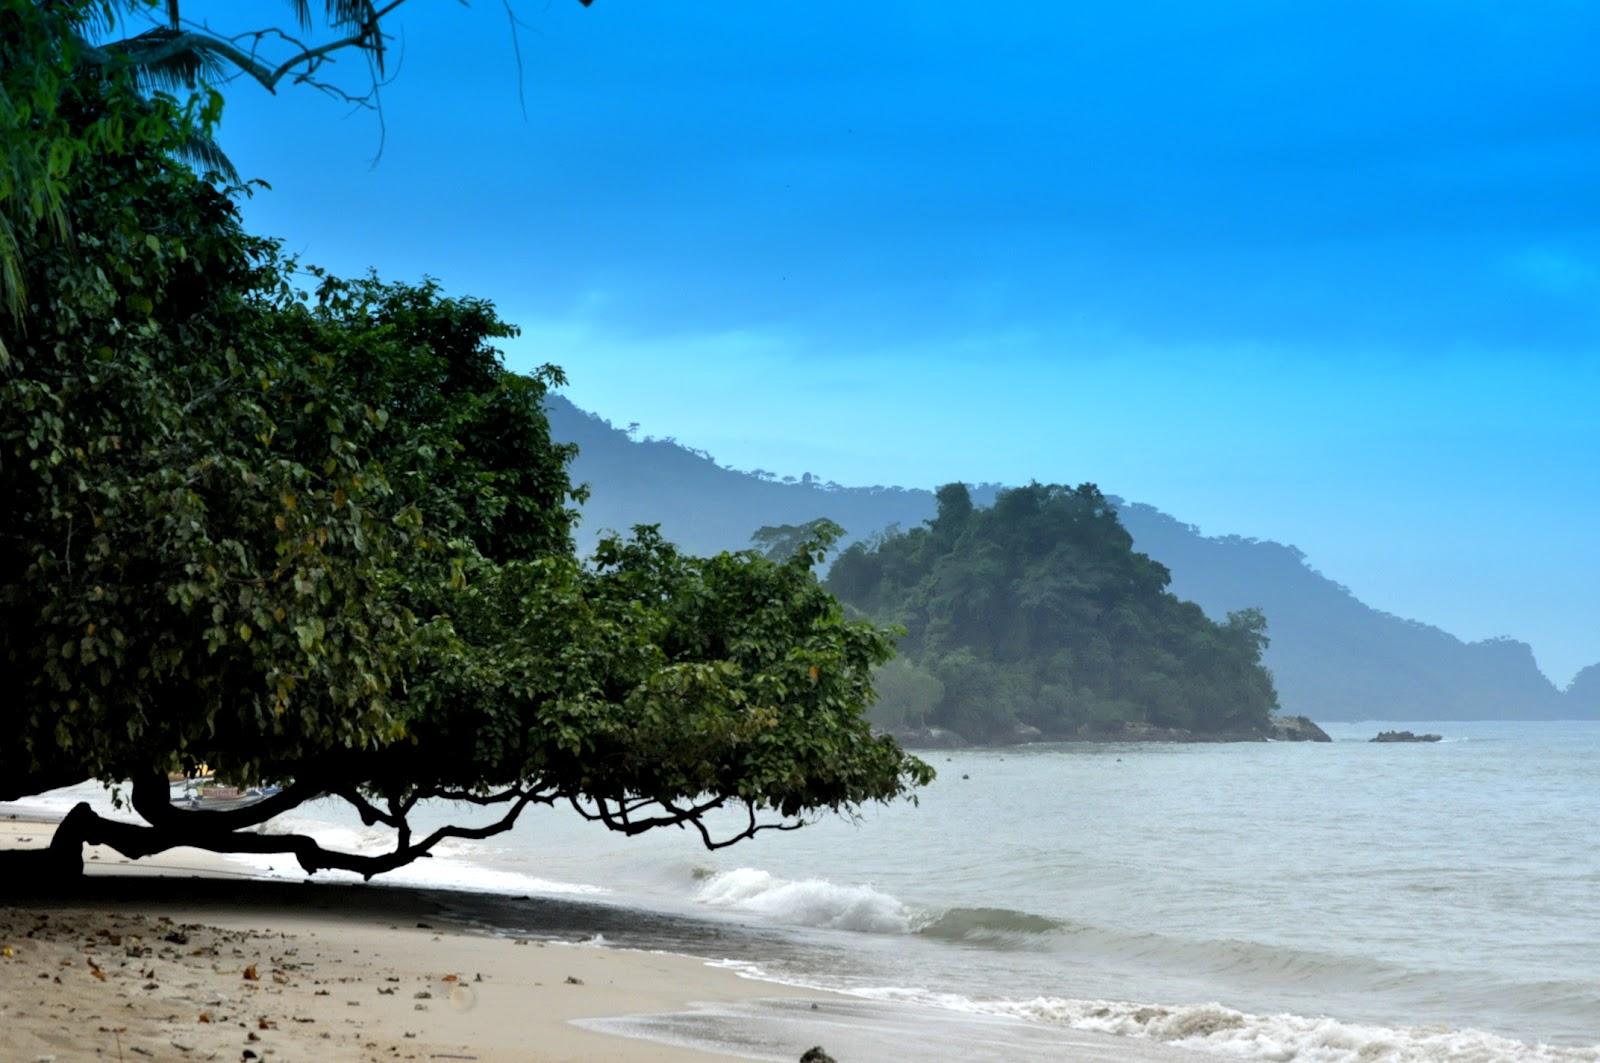 Pantai Pasir Putih Keindahan Trenggalek Dsc0388 Damas Kab